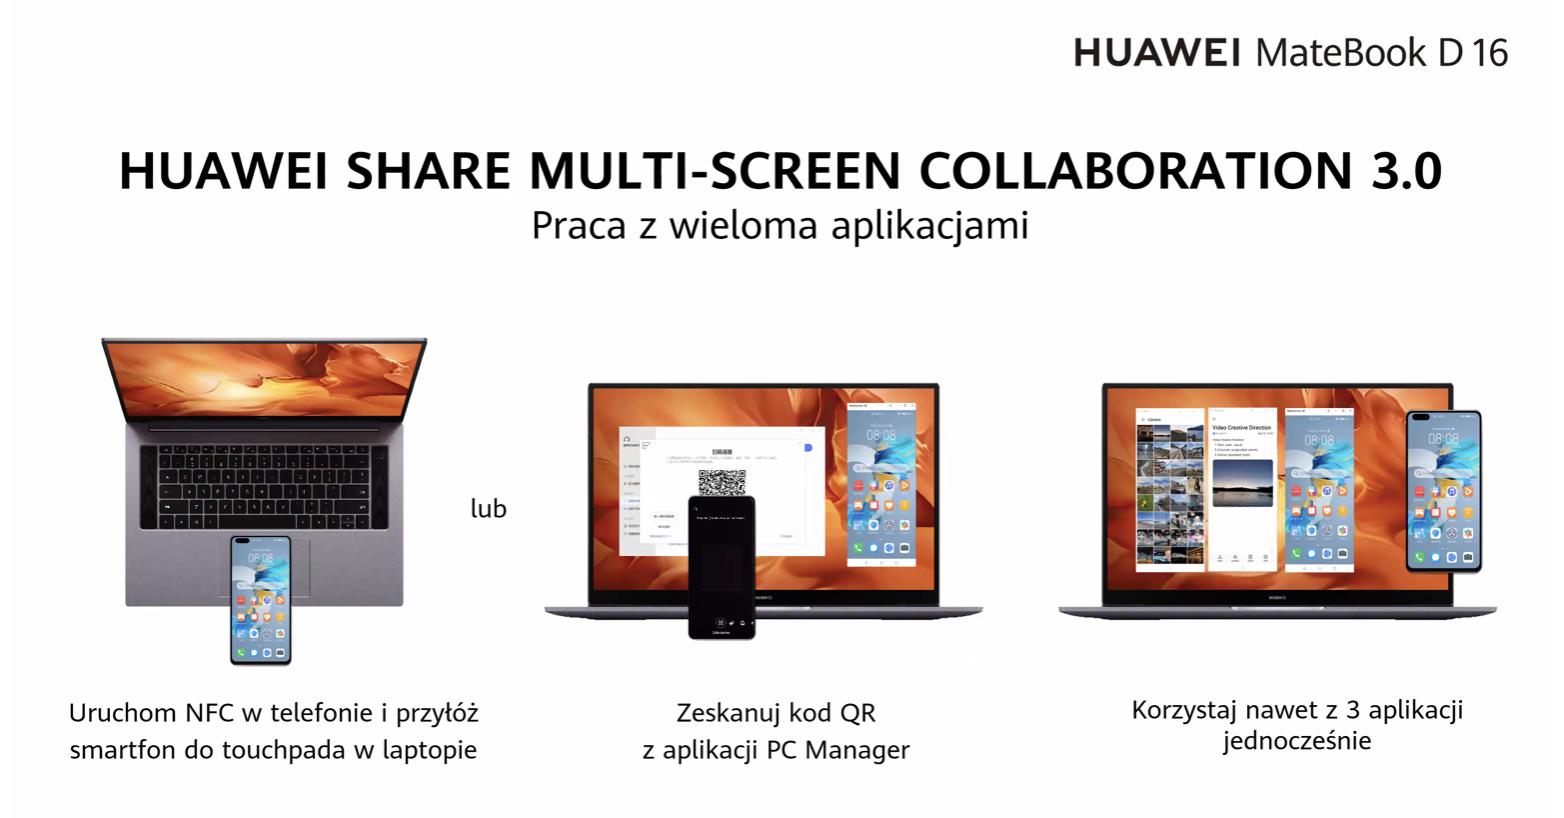 Huawei MateBook D16Huawei MateBook D16